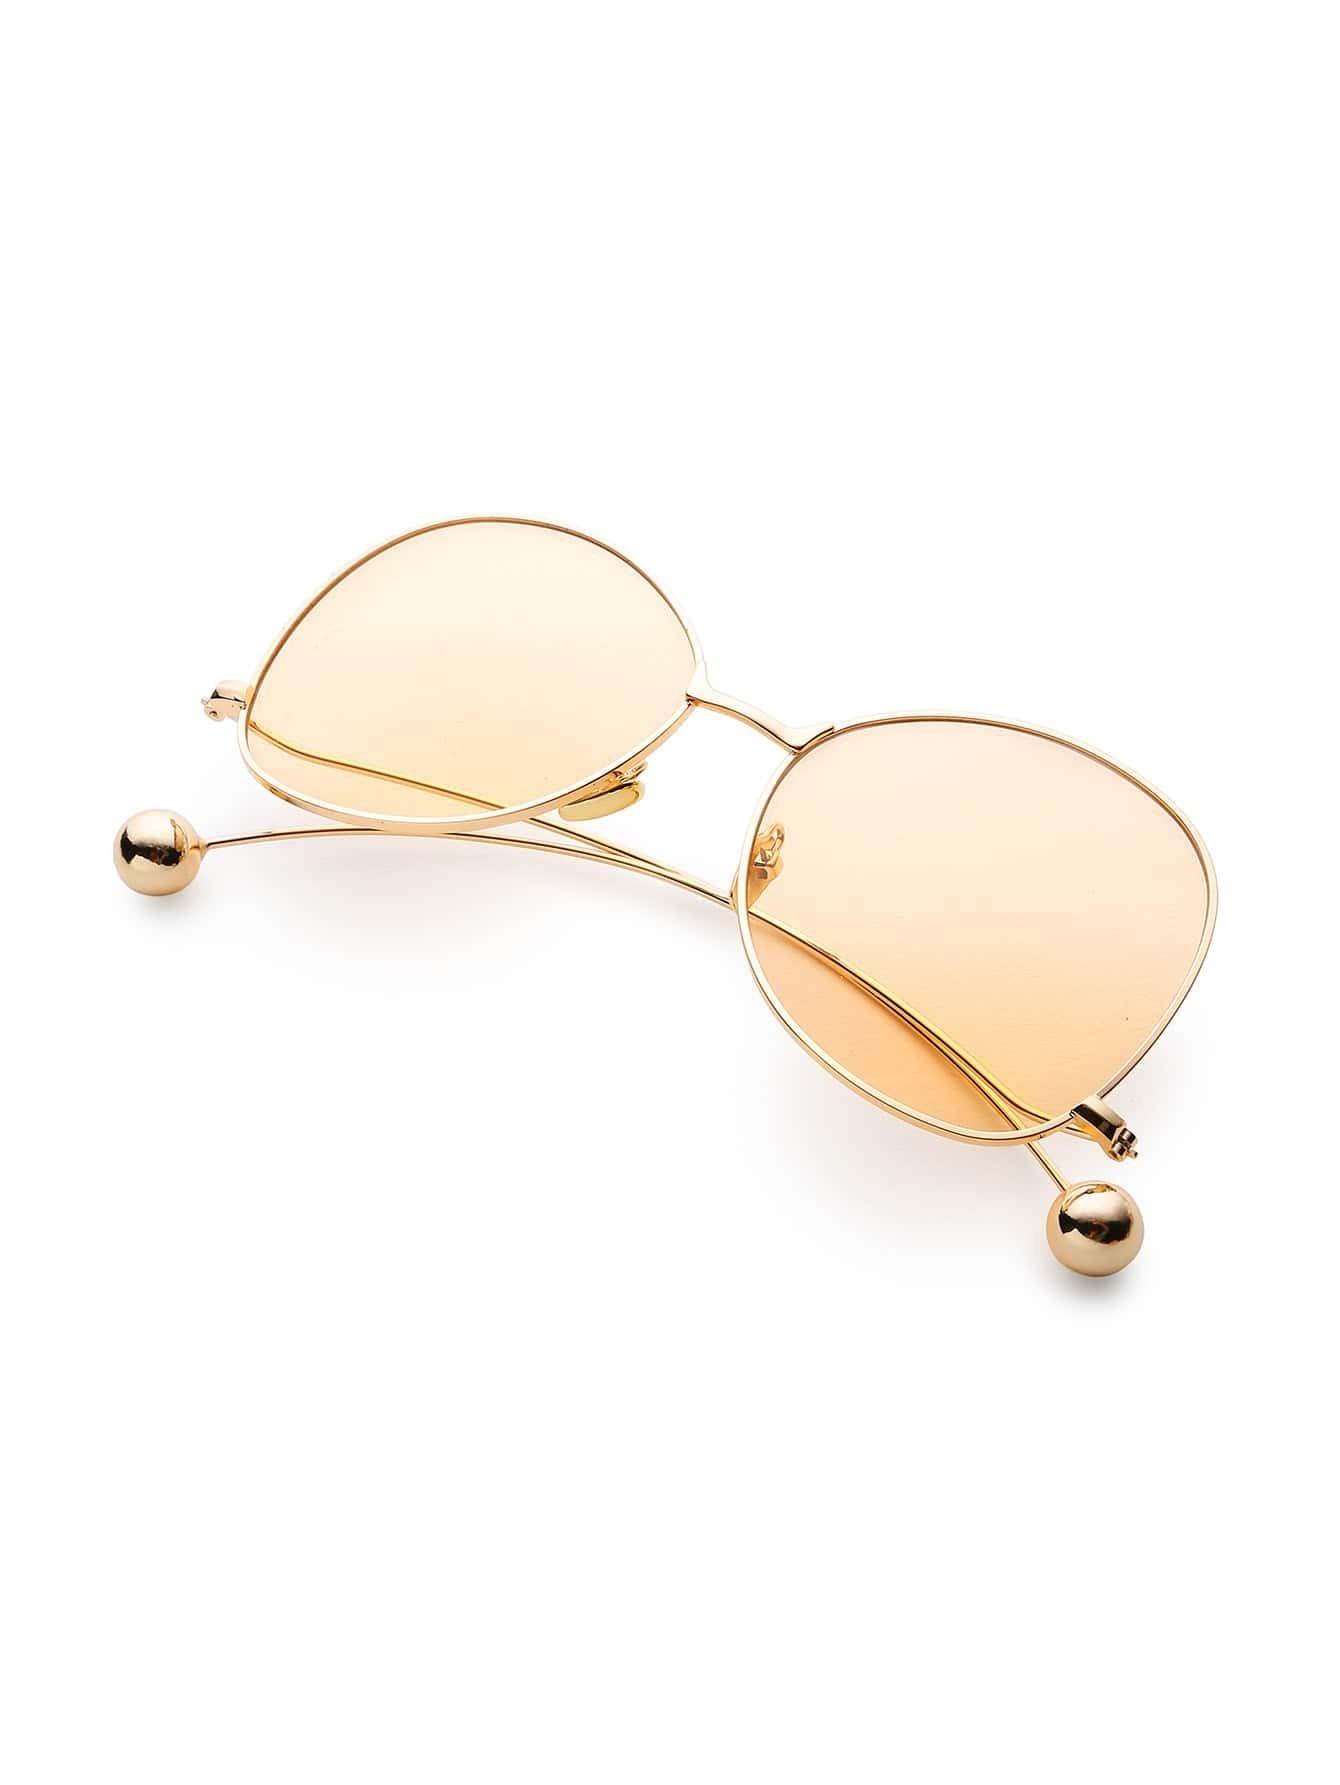 occhiali da sole con telaio curvo di dettaglio della sfera